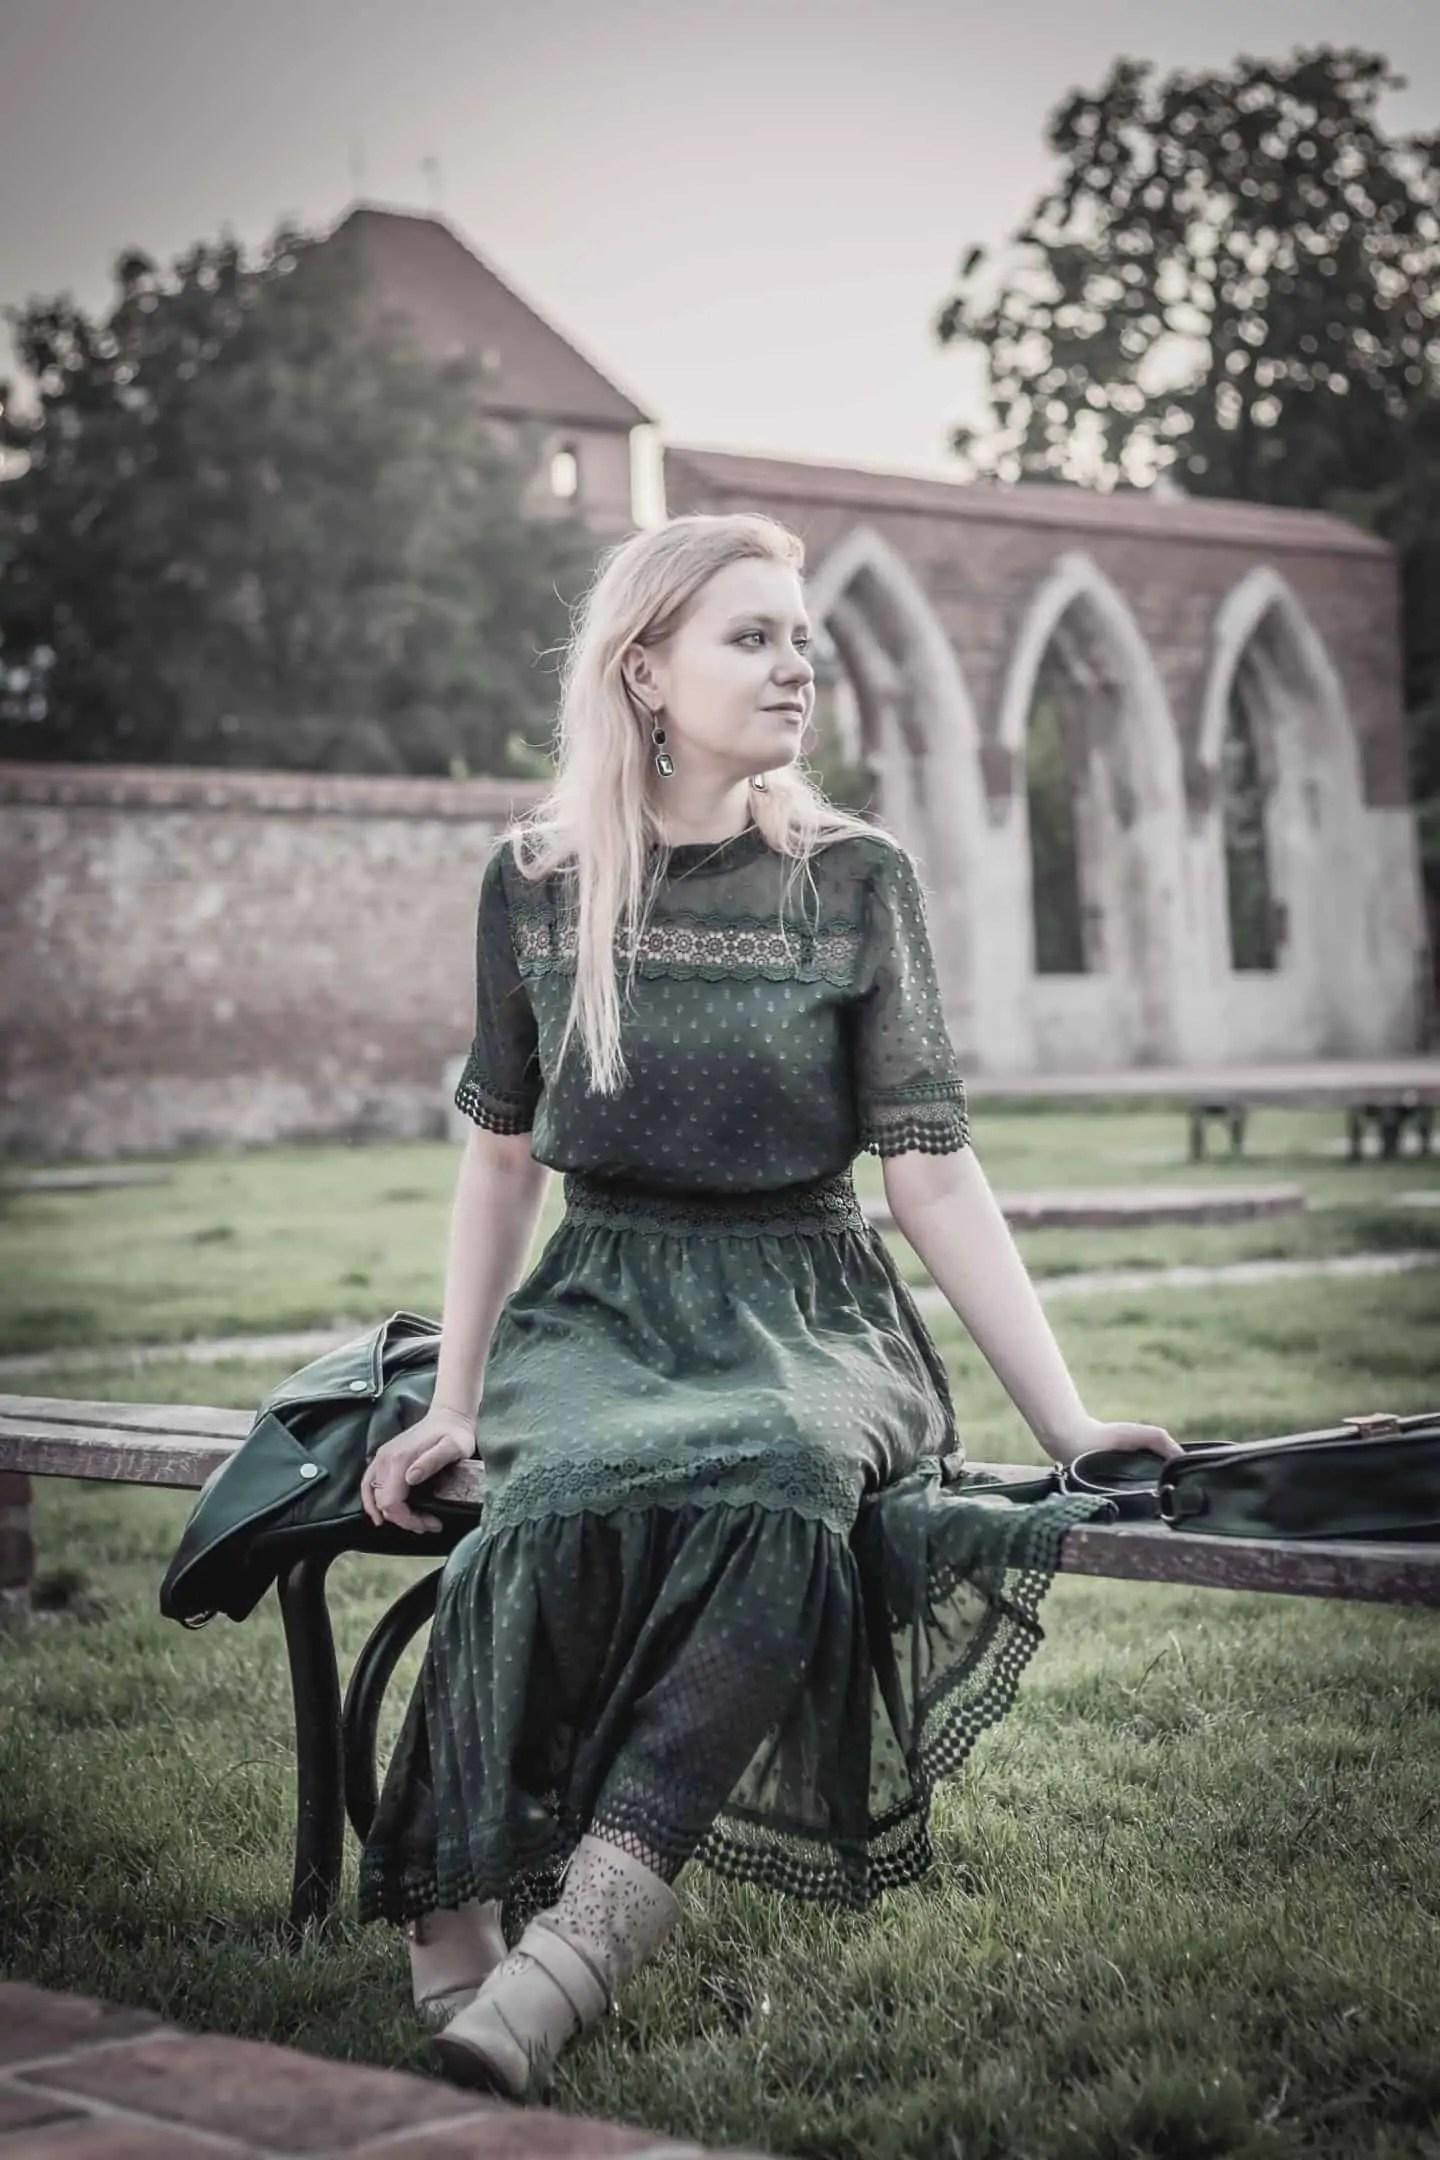 Gotycka Księżniczka Agata 22 - Najlepszy prezent dla fotografa jest darmowy. Resztę kupisz do 100 pln